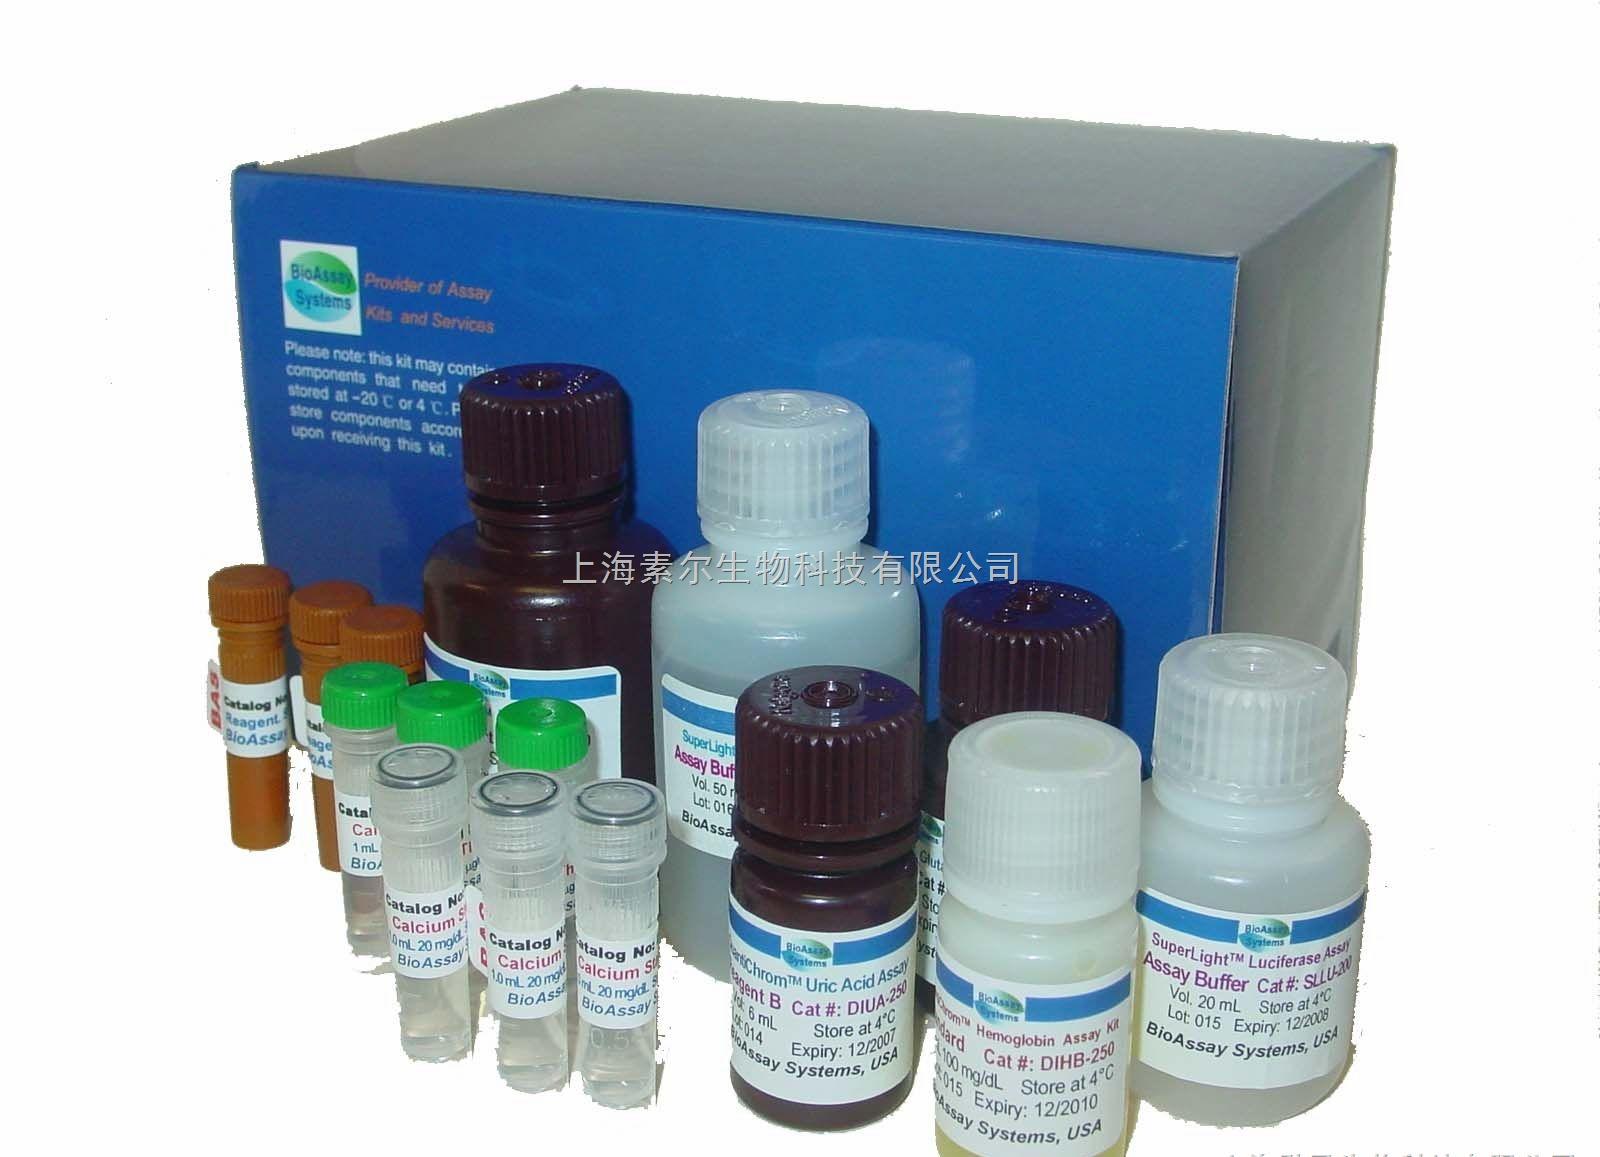 人6-酮-前列腺素ELISA试剂盒说明书